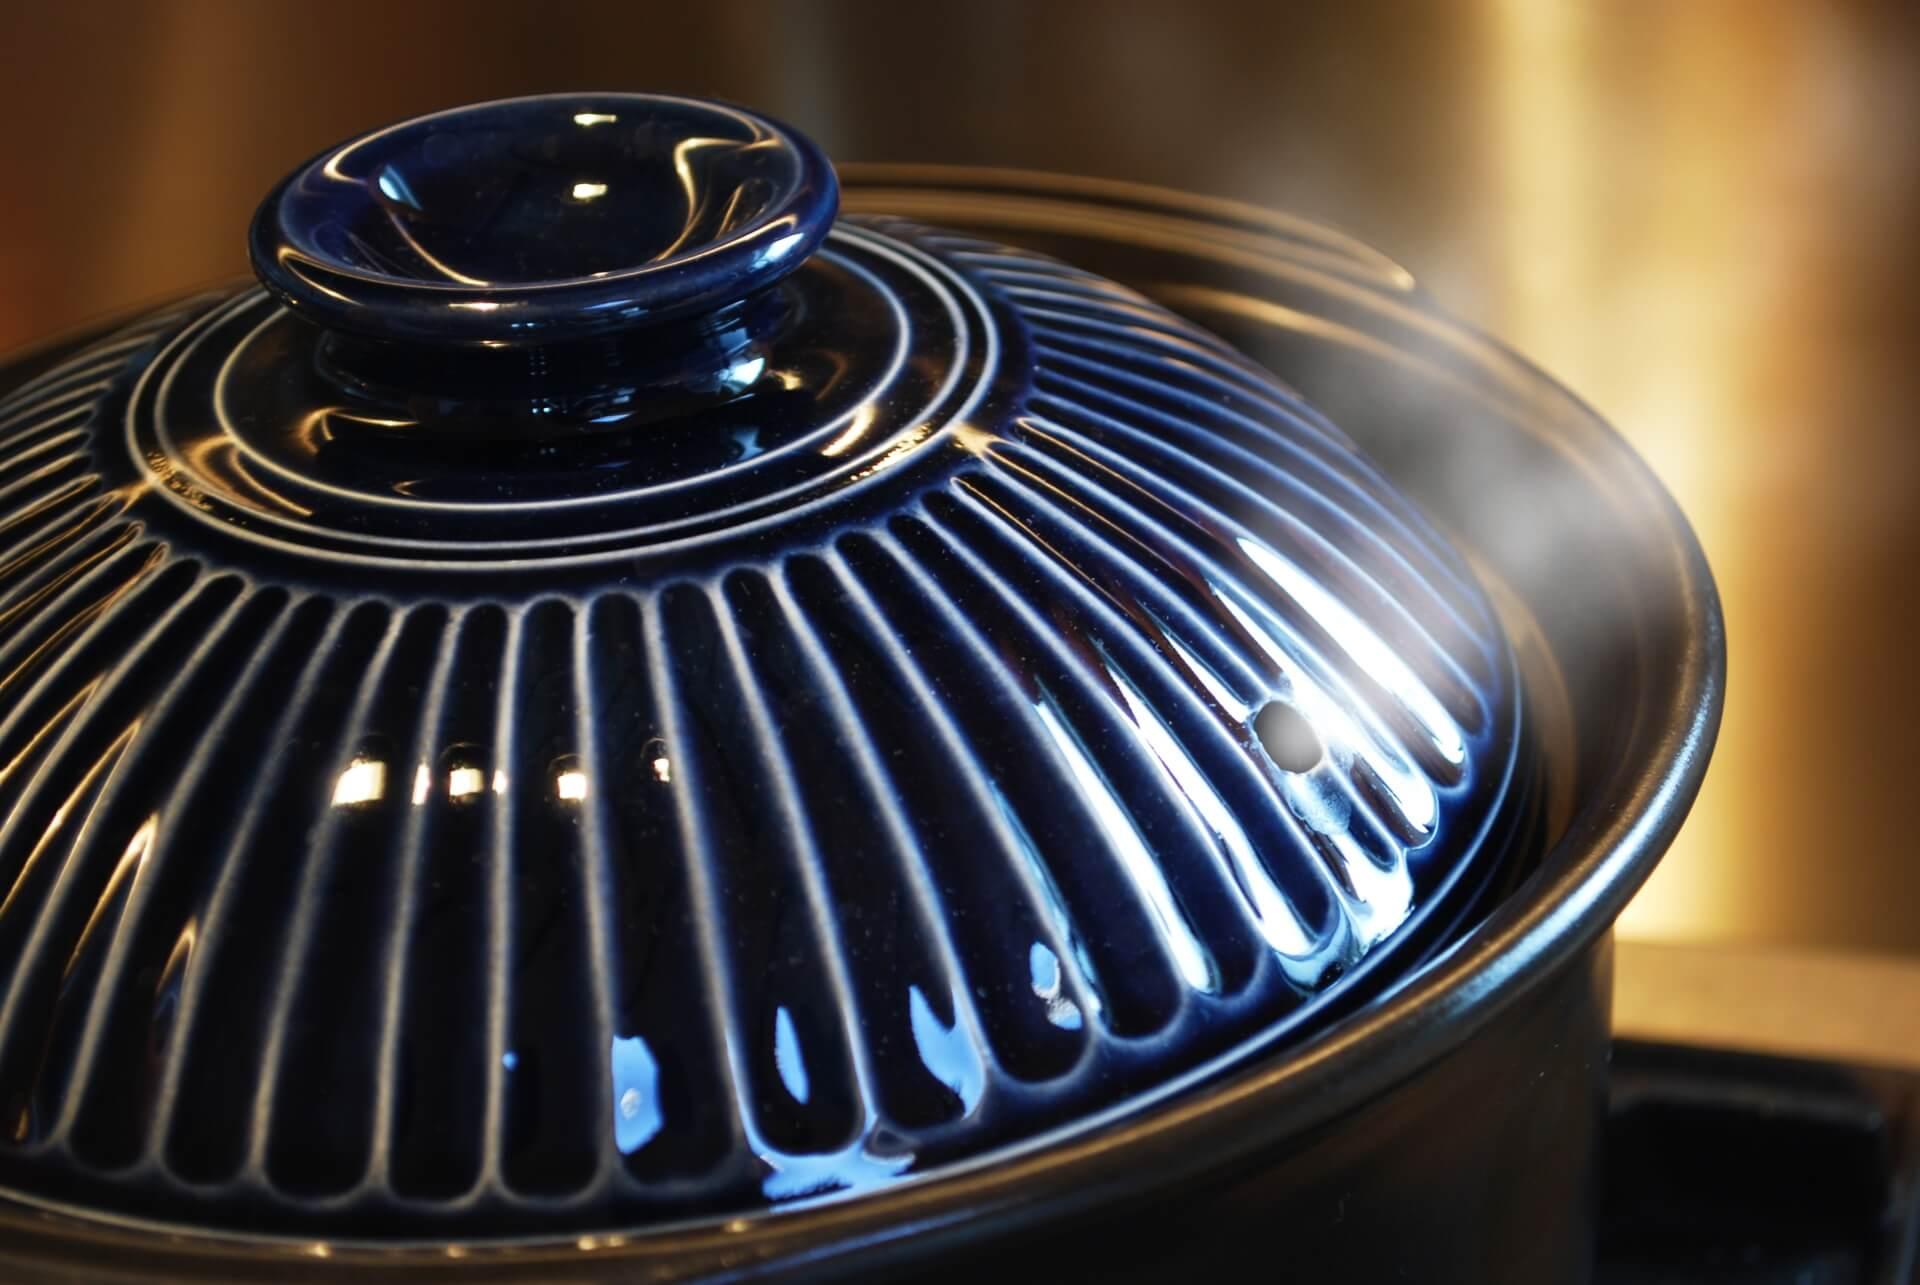 おしゃれな土鍋で食卓を彩ろう!選び方とおすすめ10品を紹介